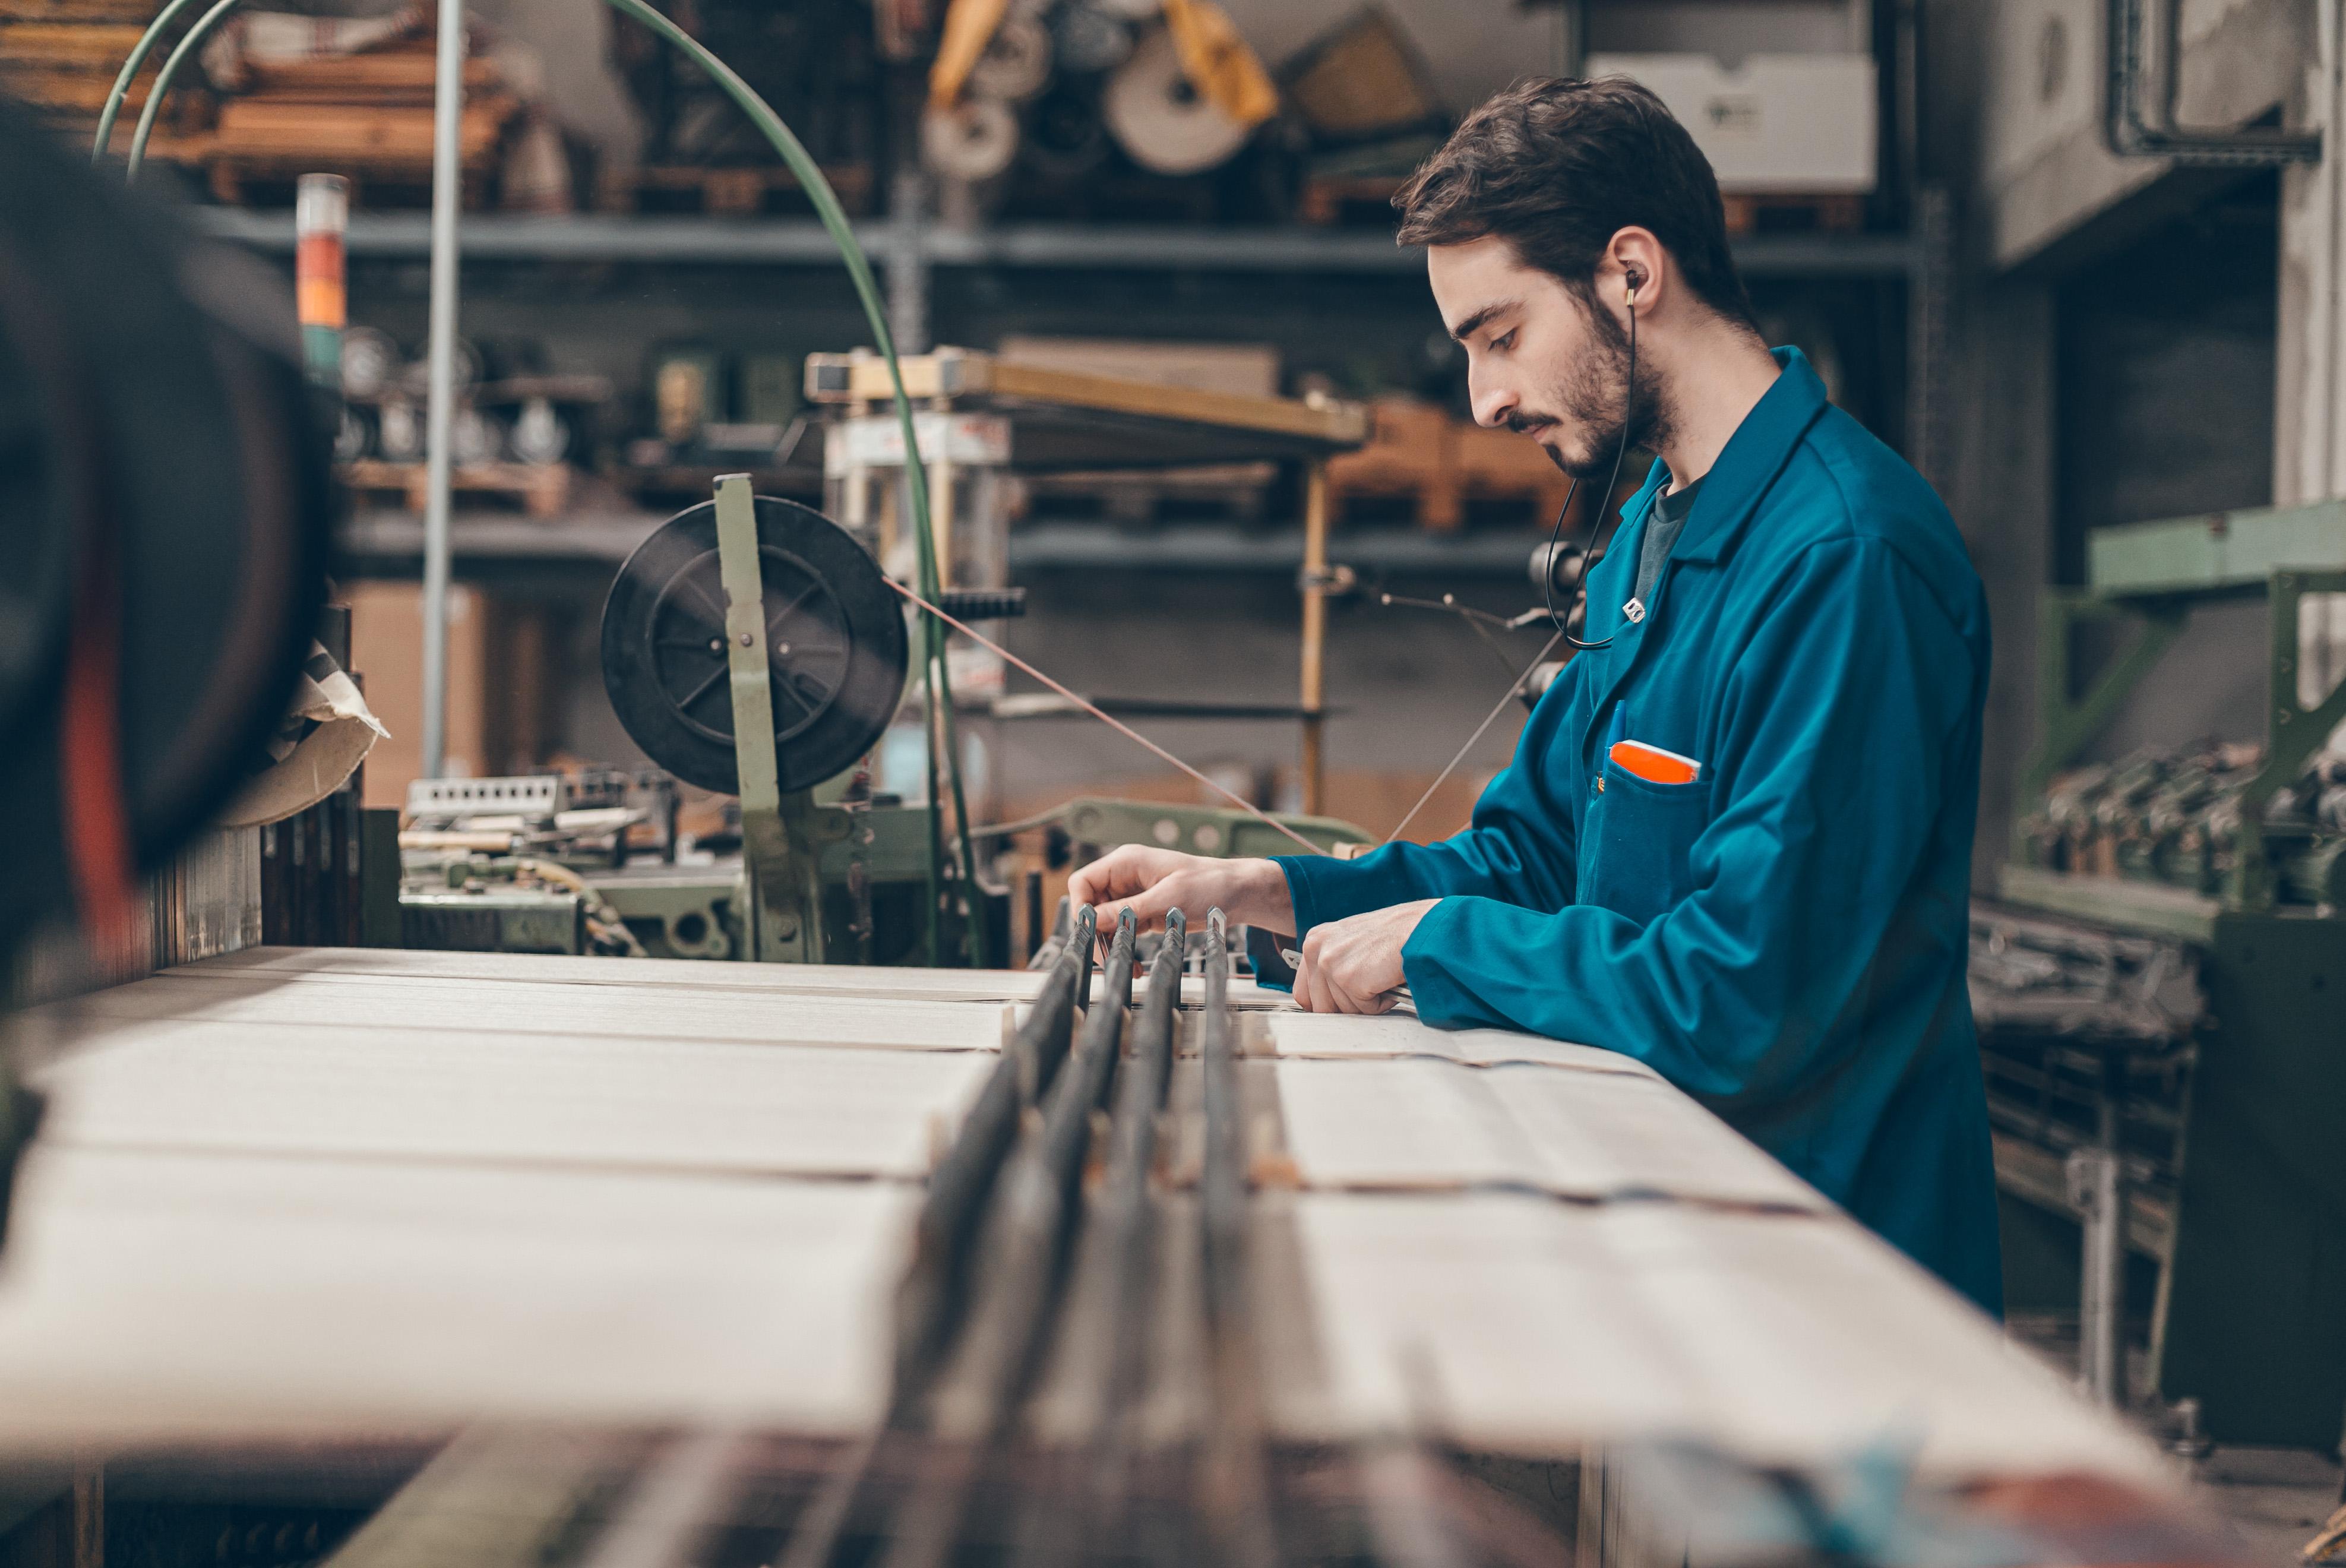 Tissage de linge basque dans atelier